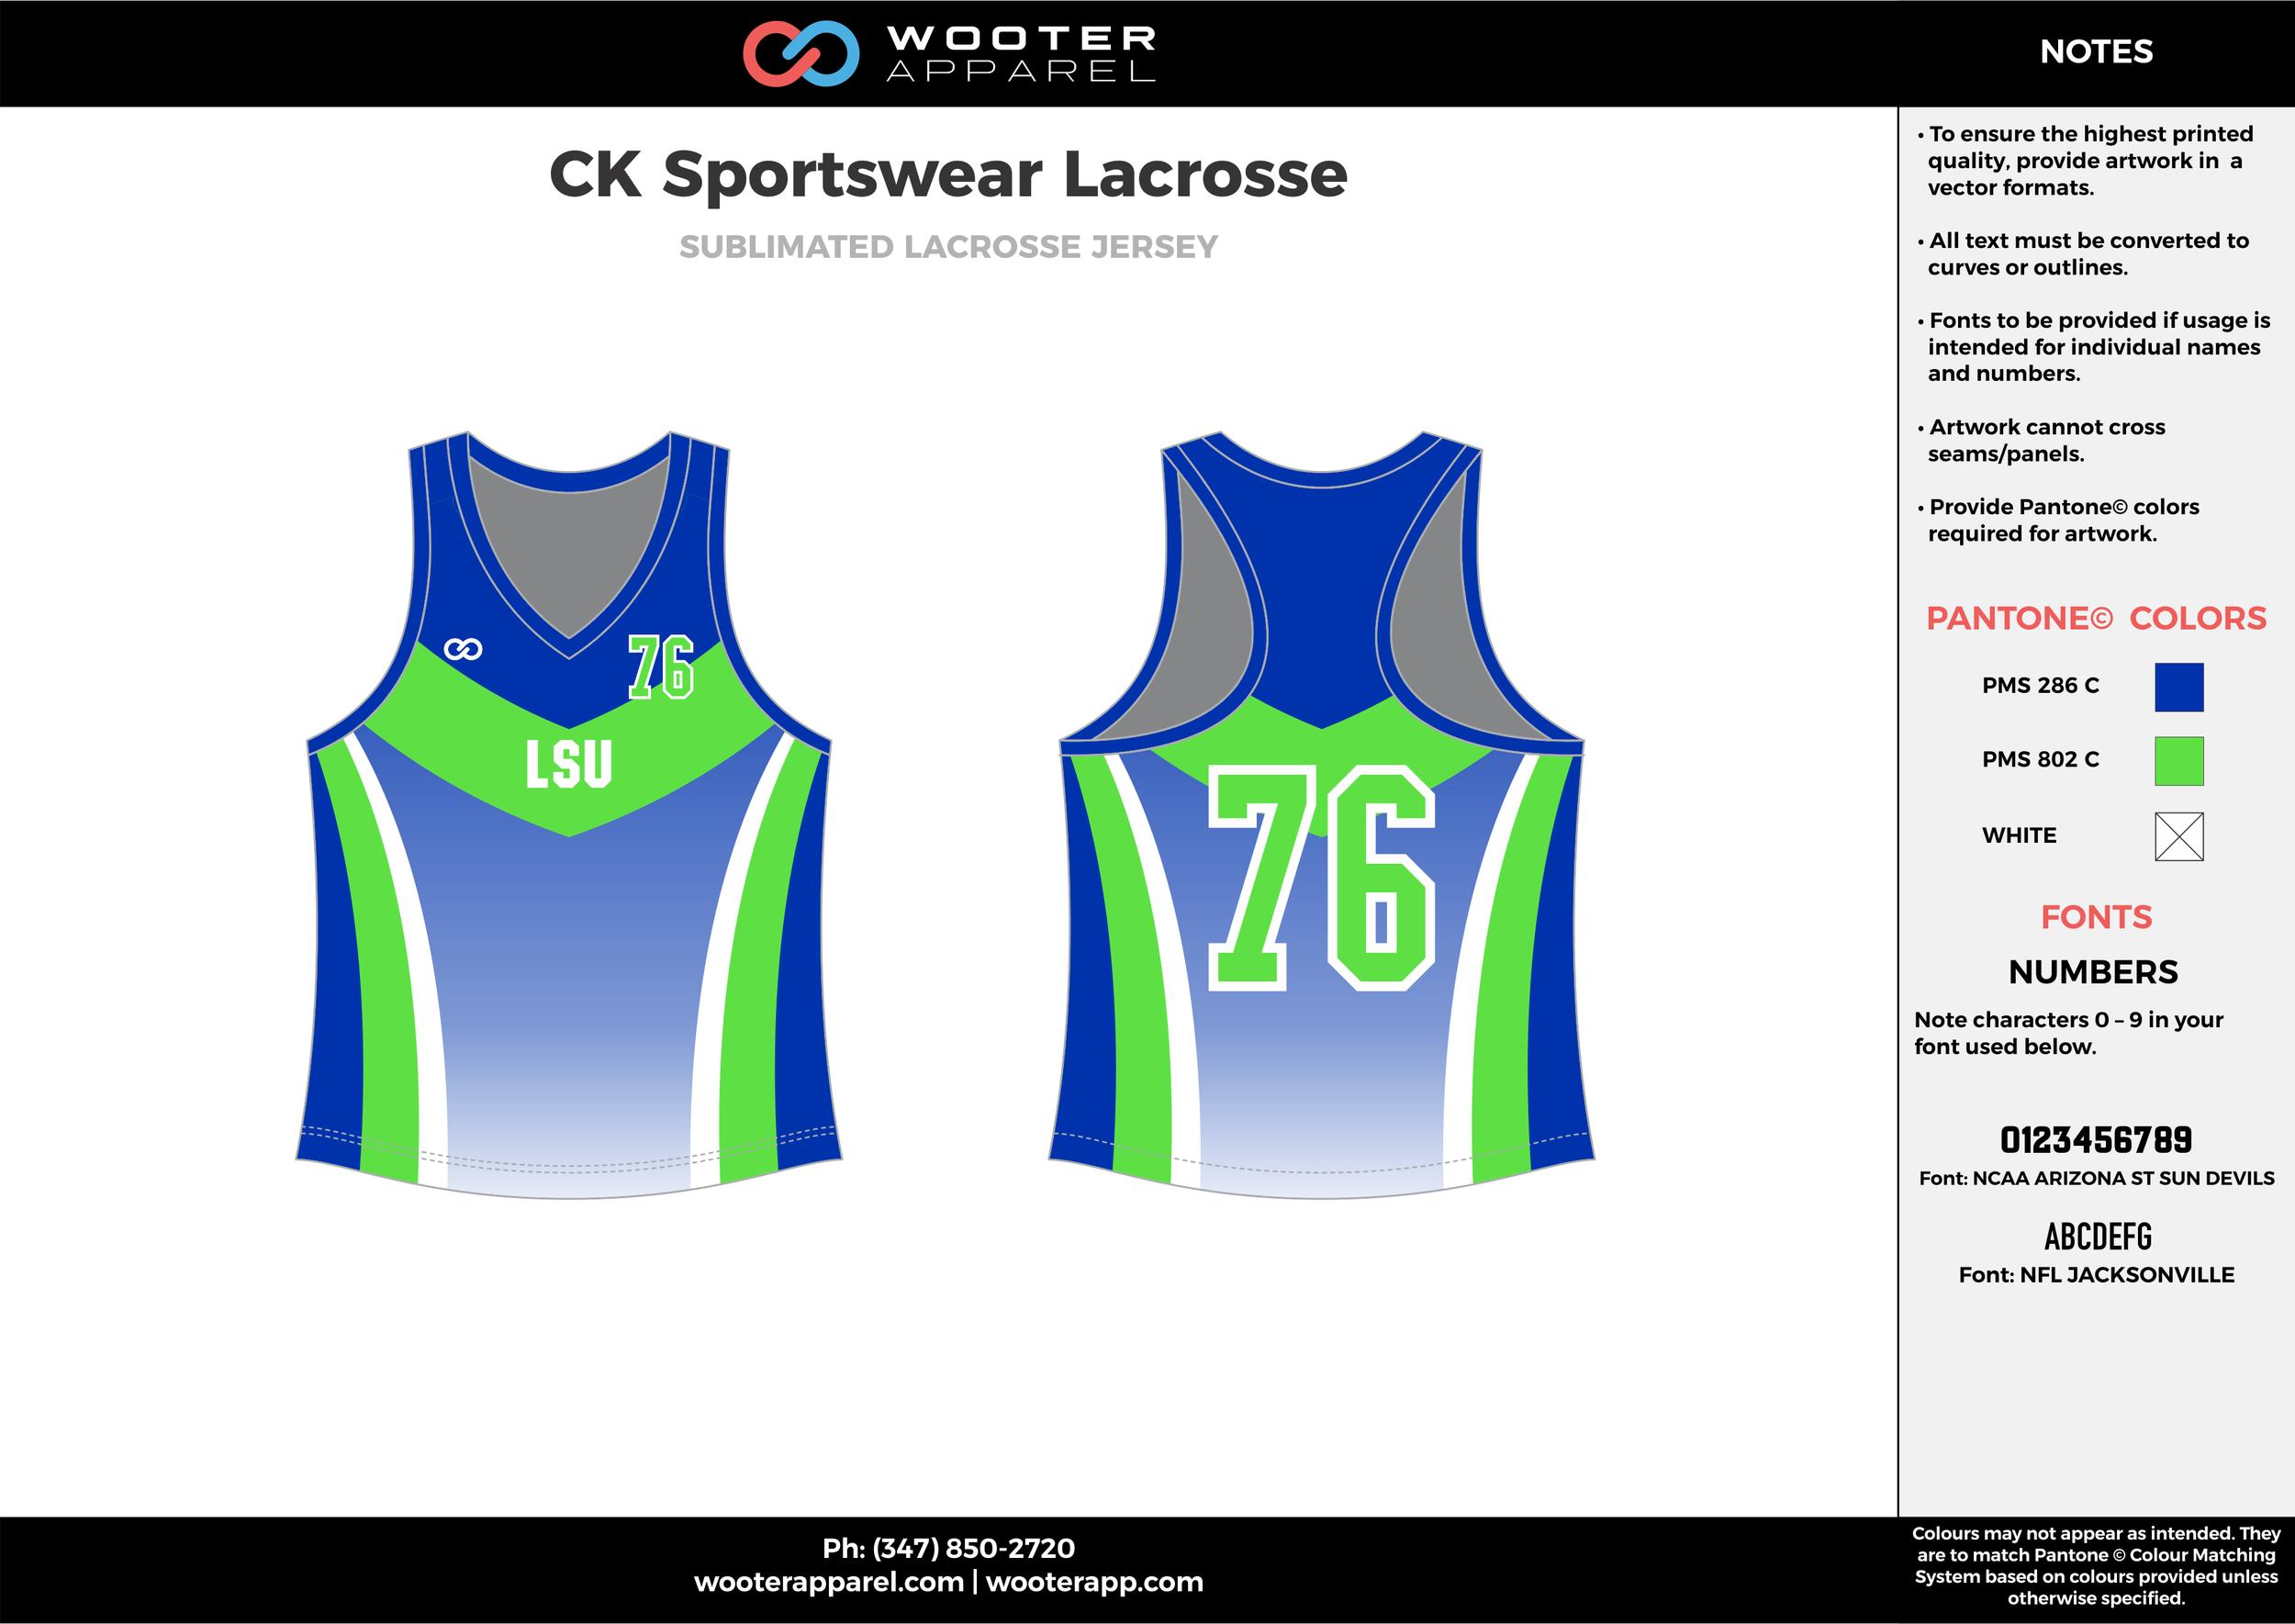 CK SPORTSWEAR LACROSSE blue green white Lacrosse uniforms pinnies jerseys